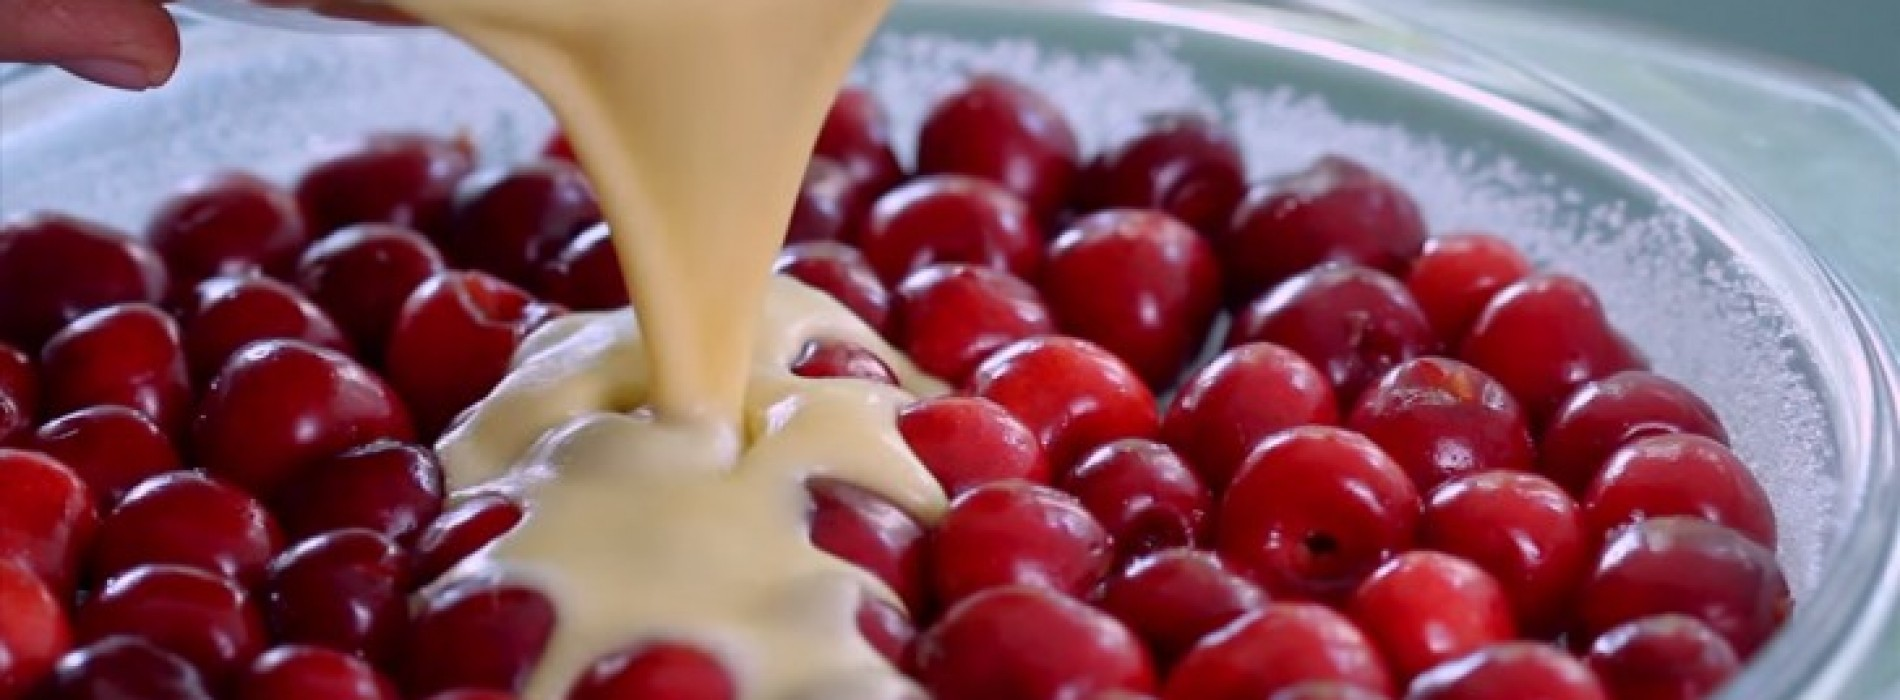 Ze schenkt beslag over een laag verse kersen en creëert hiermee een overheerlijke en onweerstaanbaar dessert!